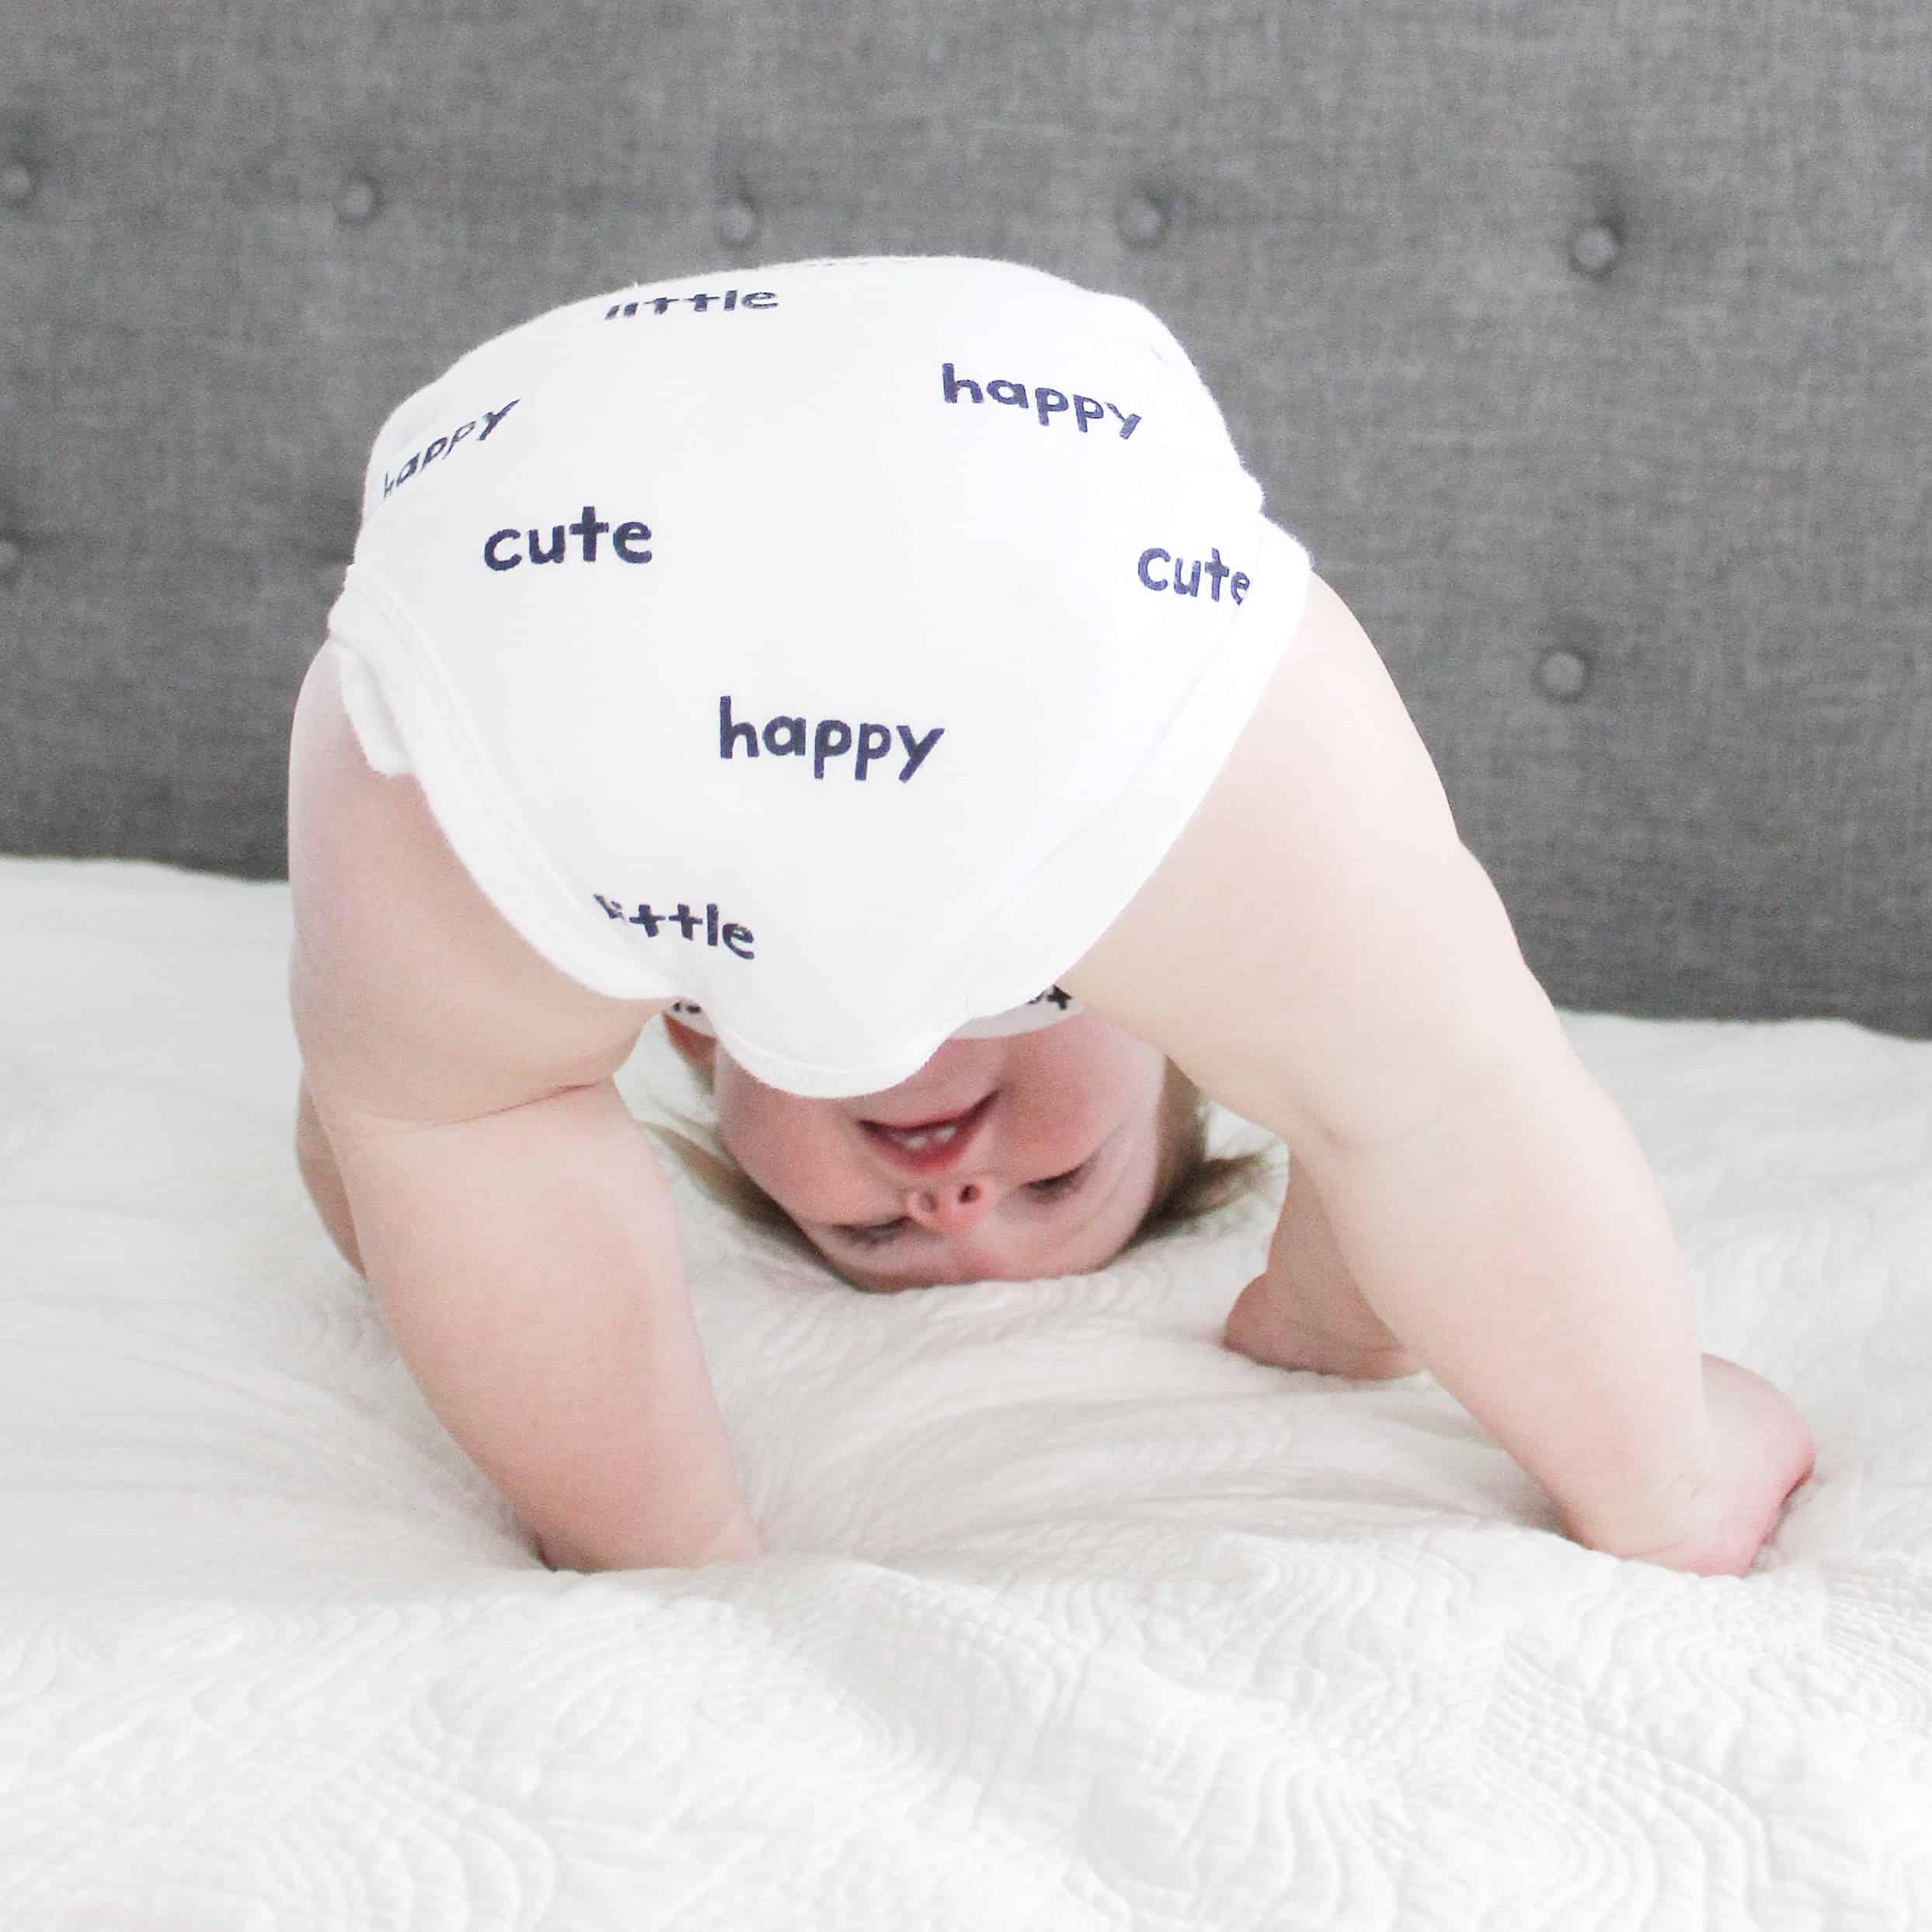 baby butt In onsie